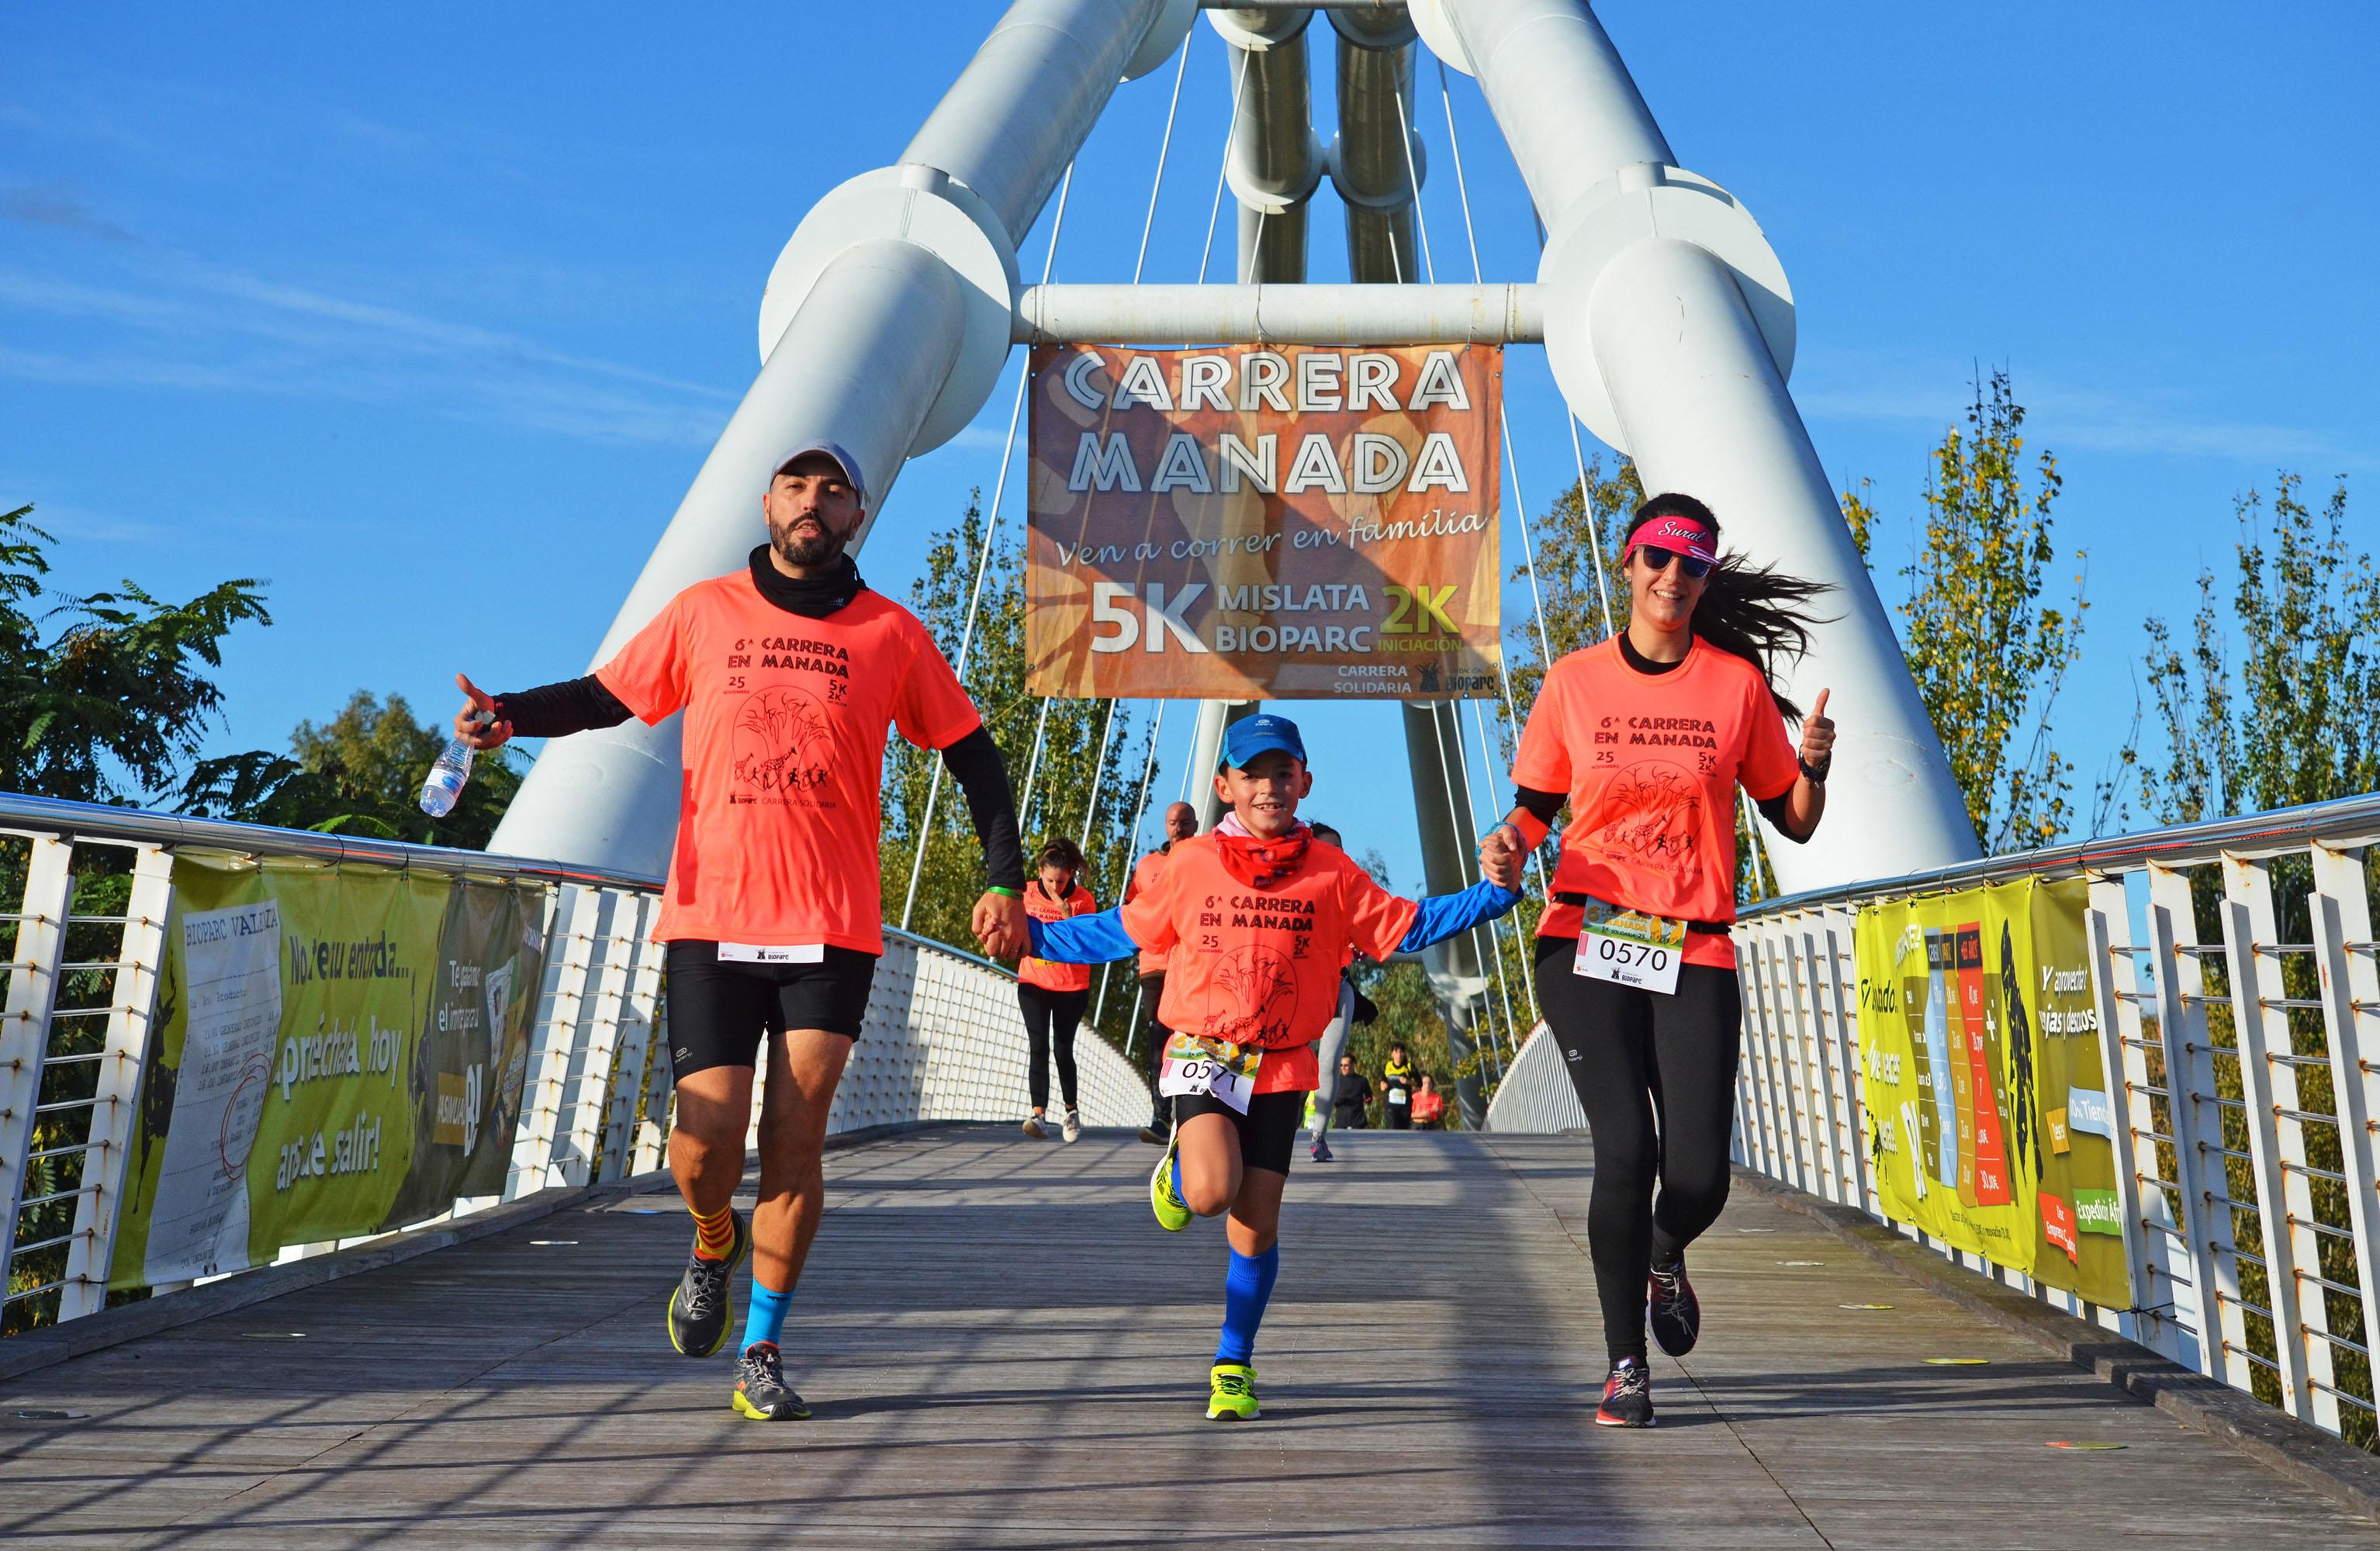 Bioparc celebra su 7ª Carrera en Manada para terminar noviembre